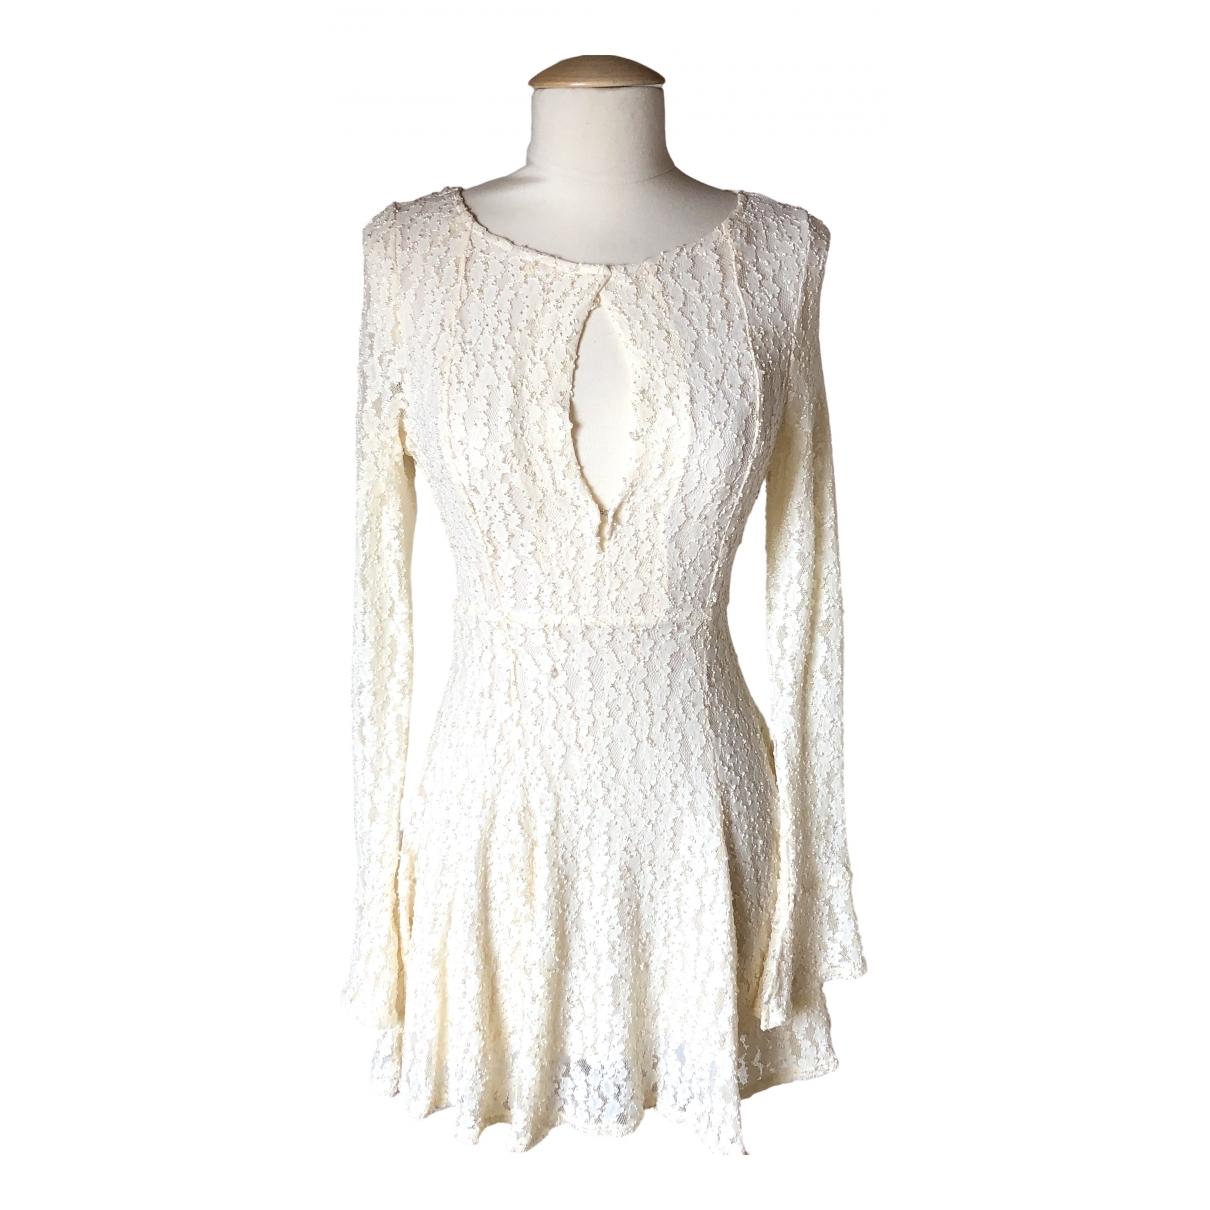 Free People \N Ecru dress for Women XS International